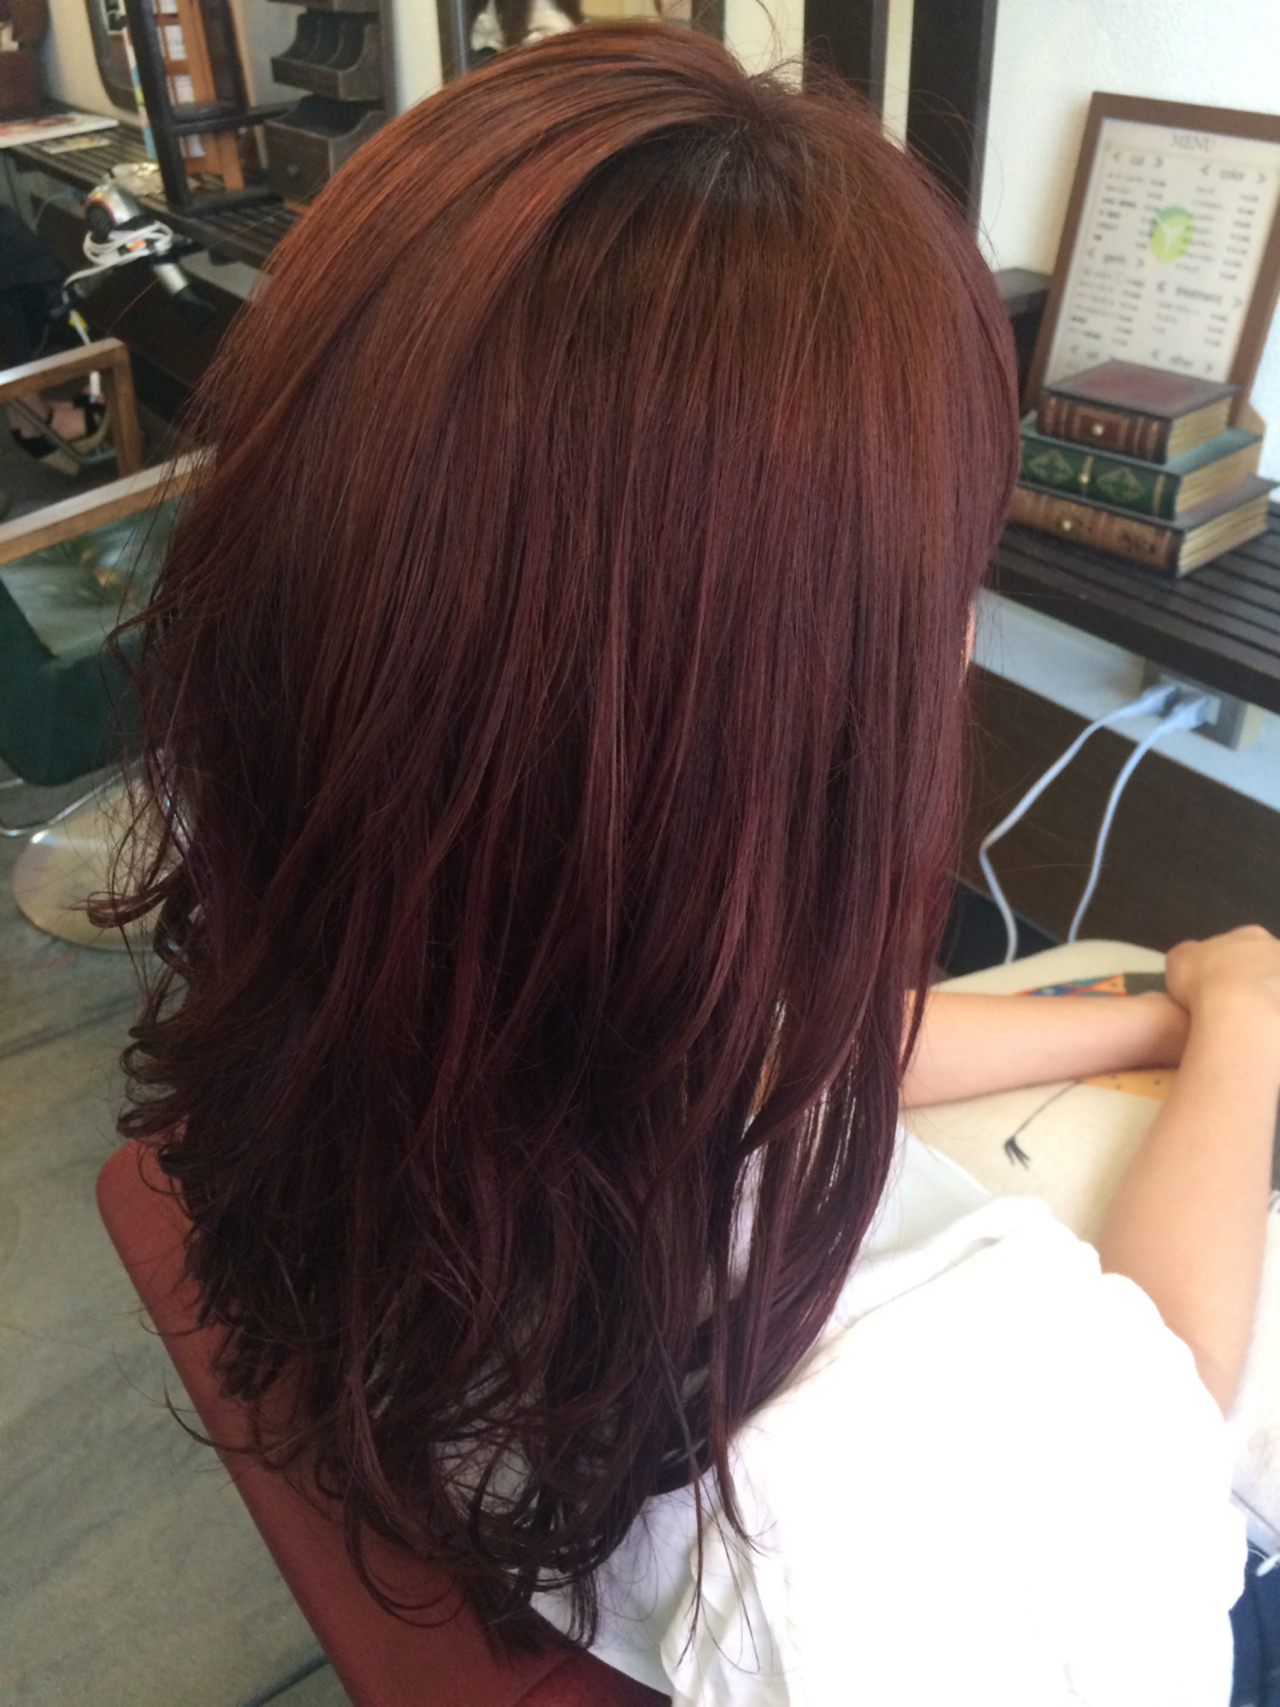 秋 ピンク グラデーションカラー ストリート ヘアスタイルや髪型の写真・画像 | 井上瑛絵 / vicushair